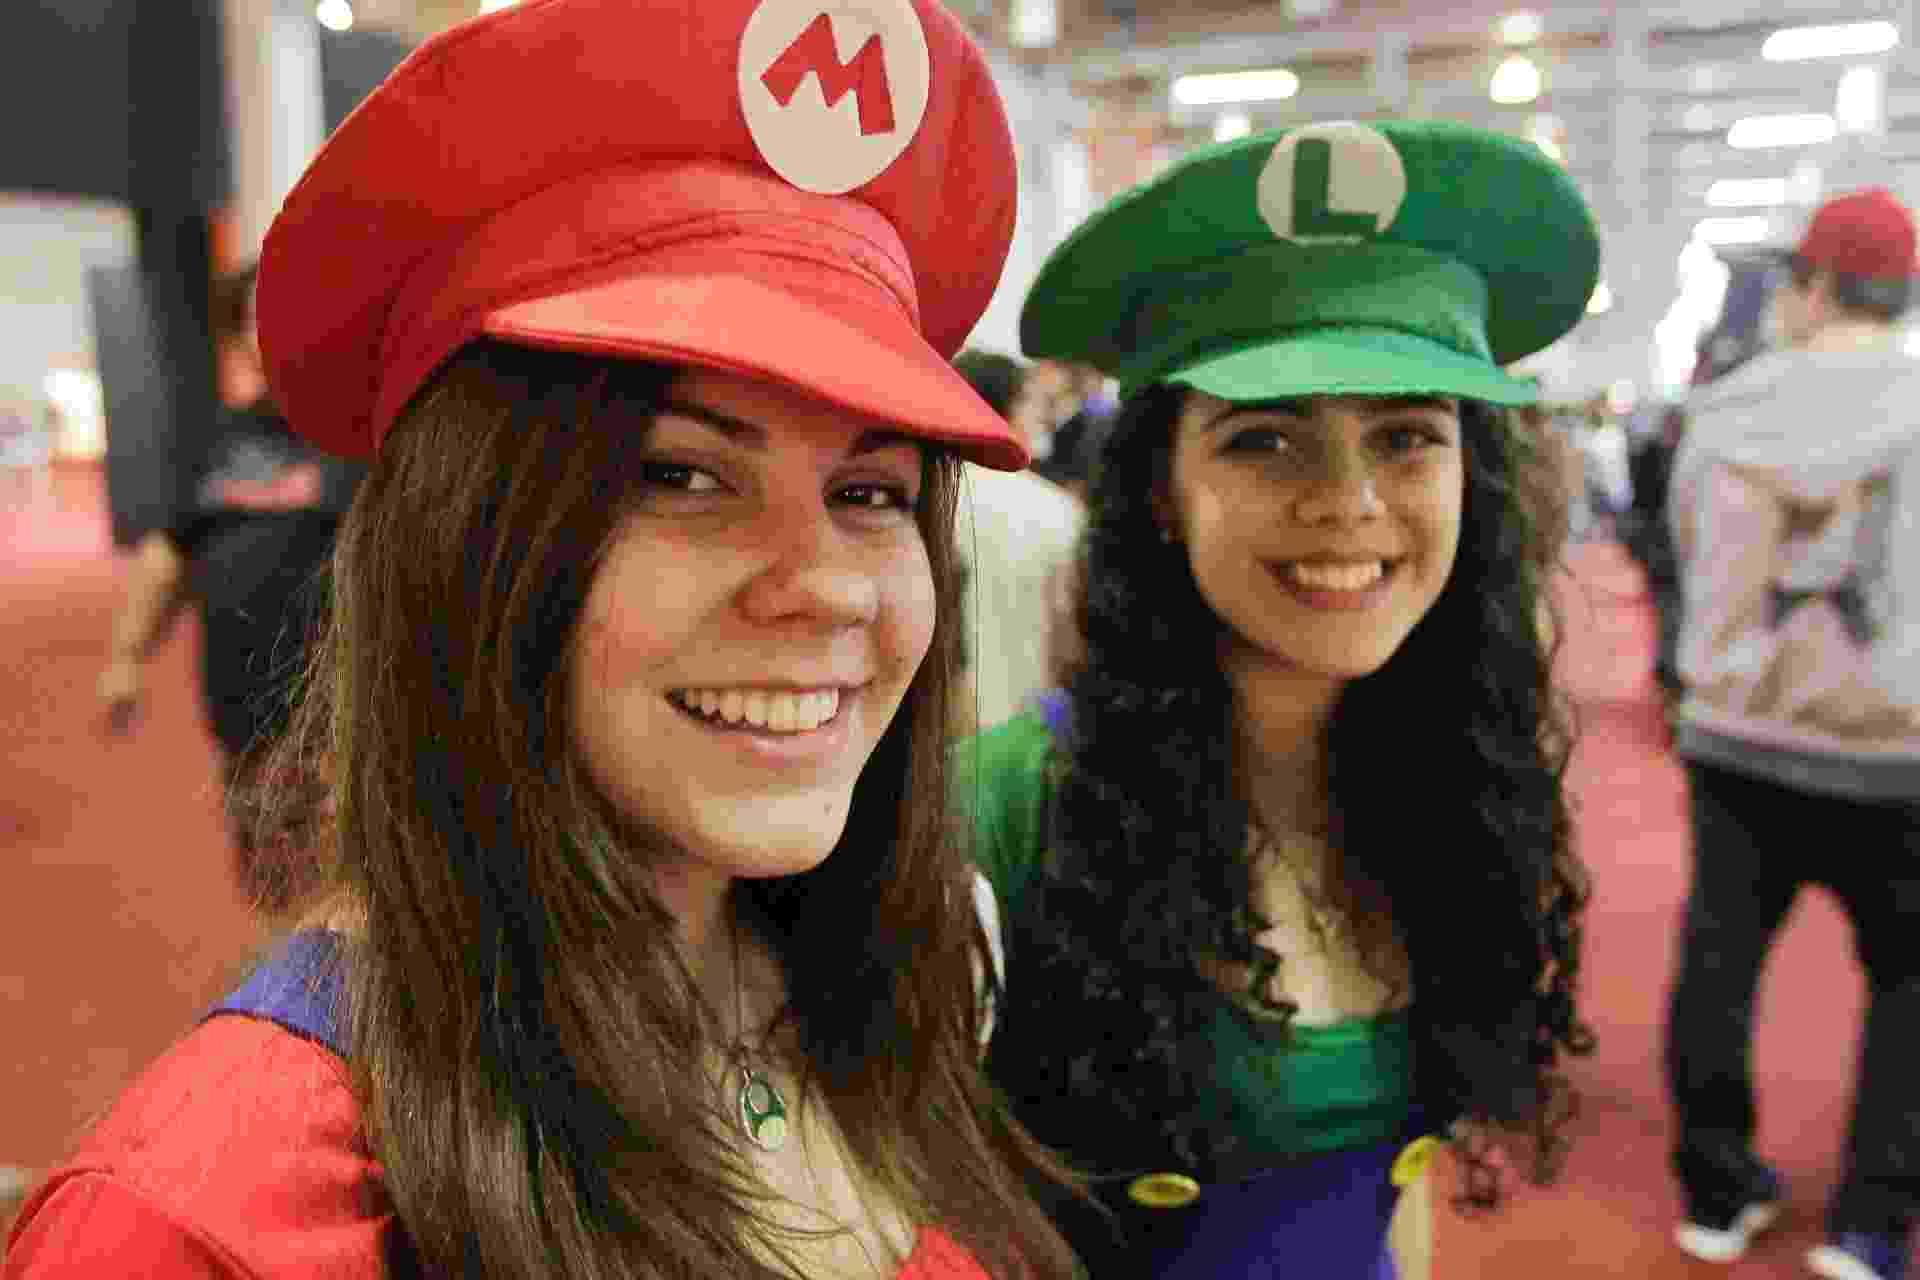 Visitantes se caracterizam como os inconfundíveis Mario e Luigi - Reinaldo Canato/UOL